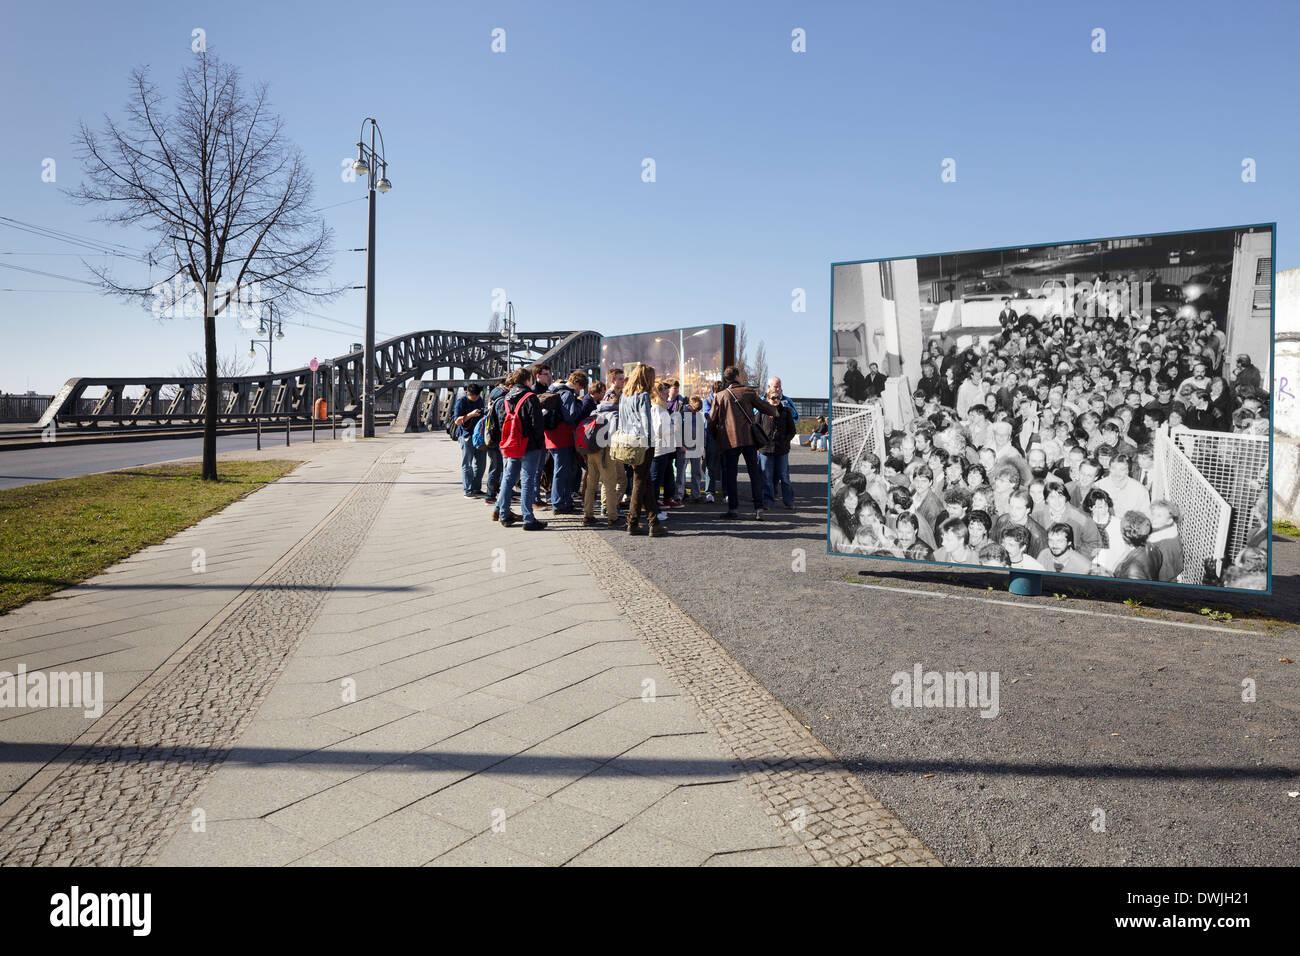 Bornholmer Strasse ponte con schede foto della caduta del muro di Berlino, Berlino, Germania Immagini Stock